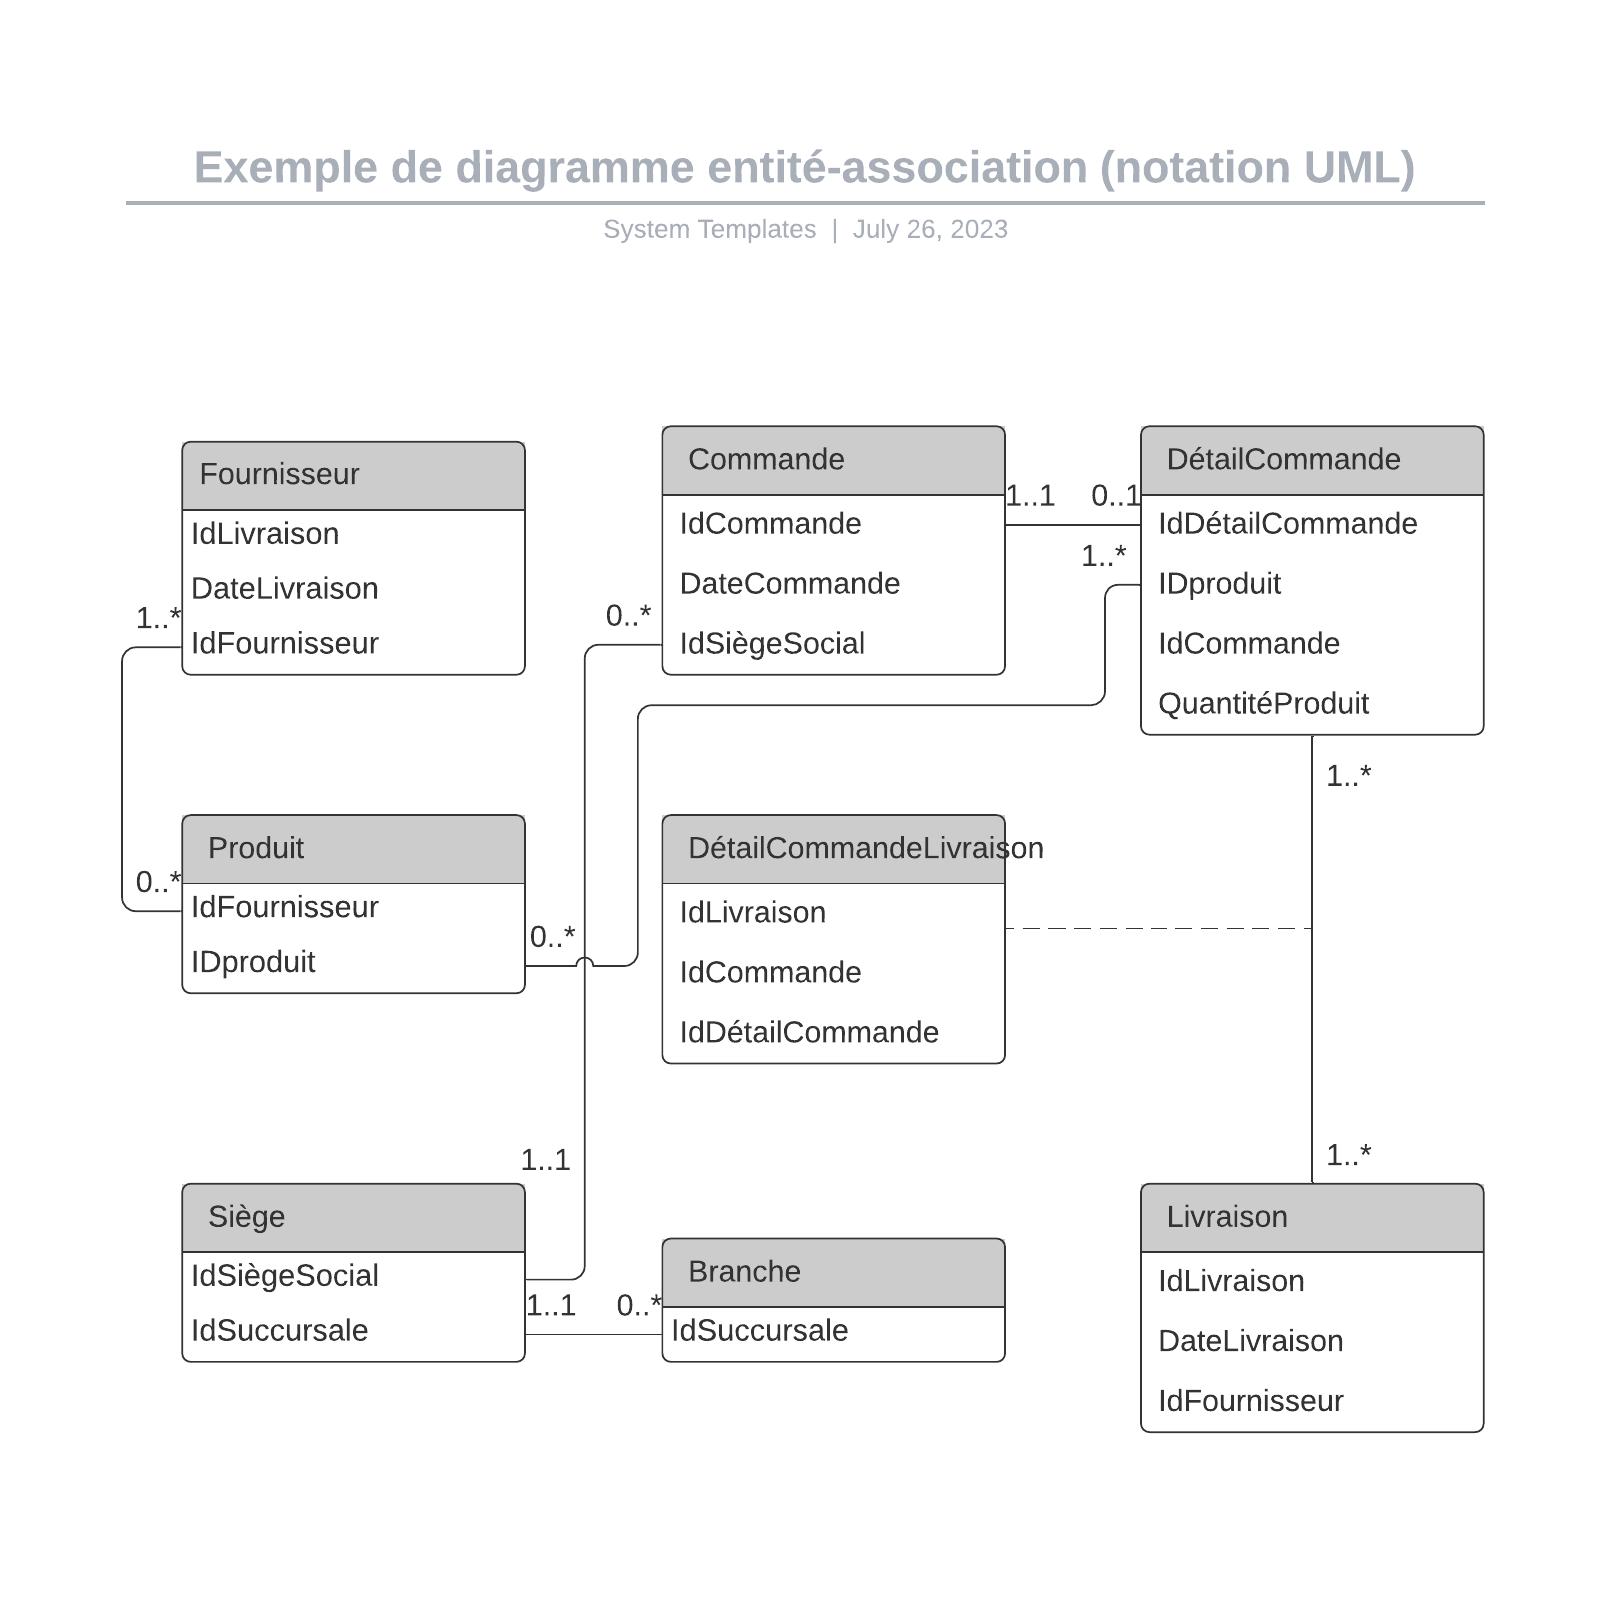 exemple de diagramme entité-association pour commande